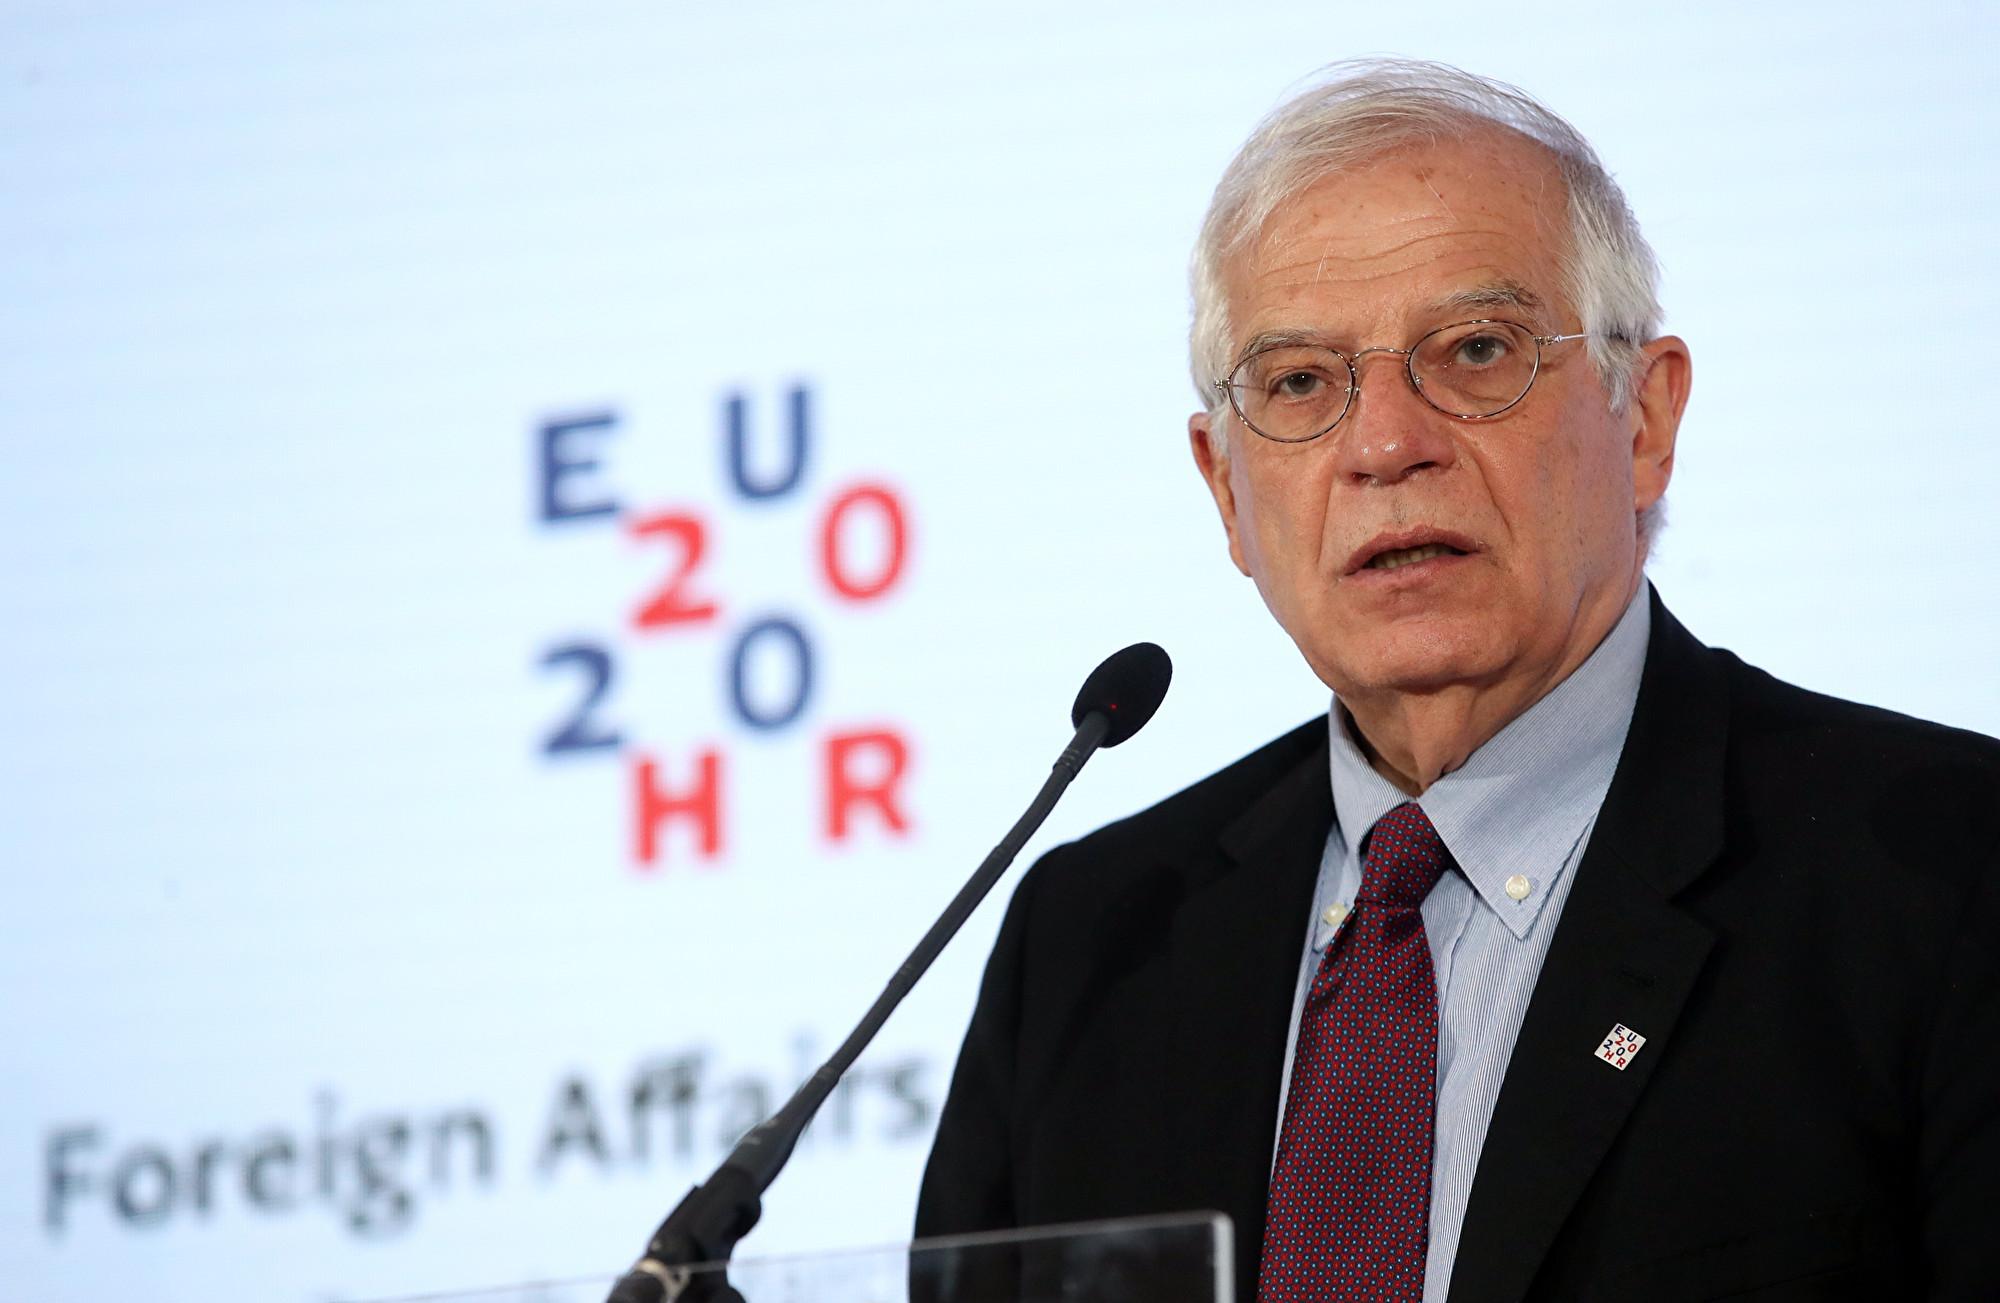 歐盟:中共鎮壓香港將影響全球秩序